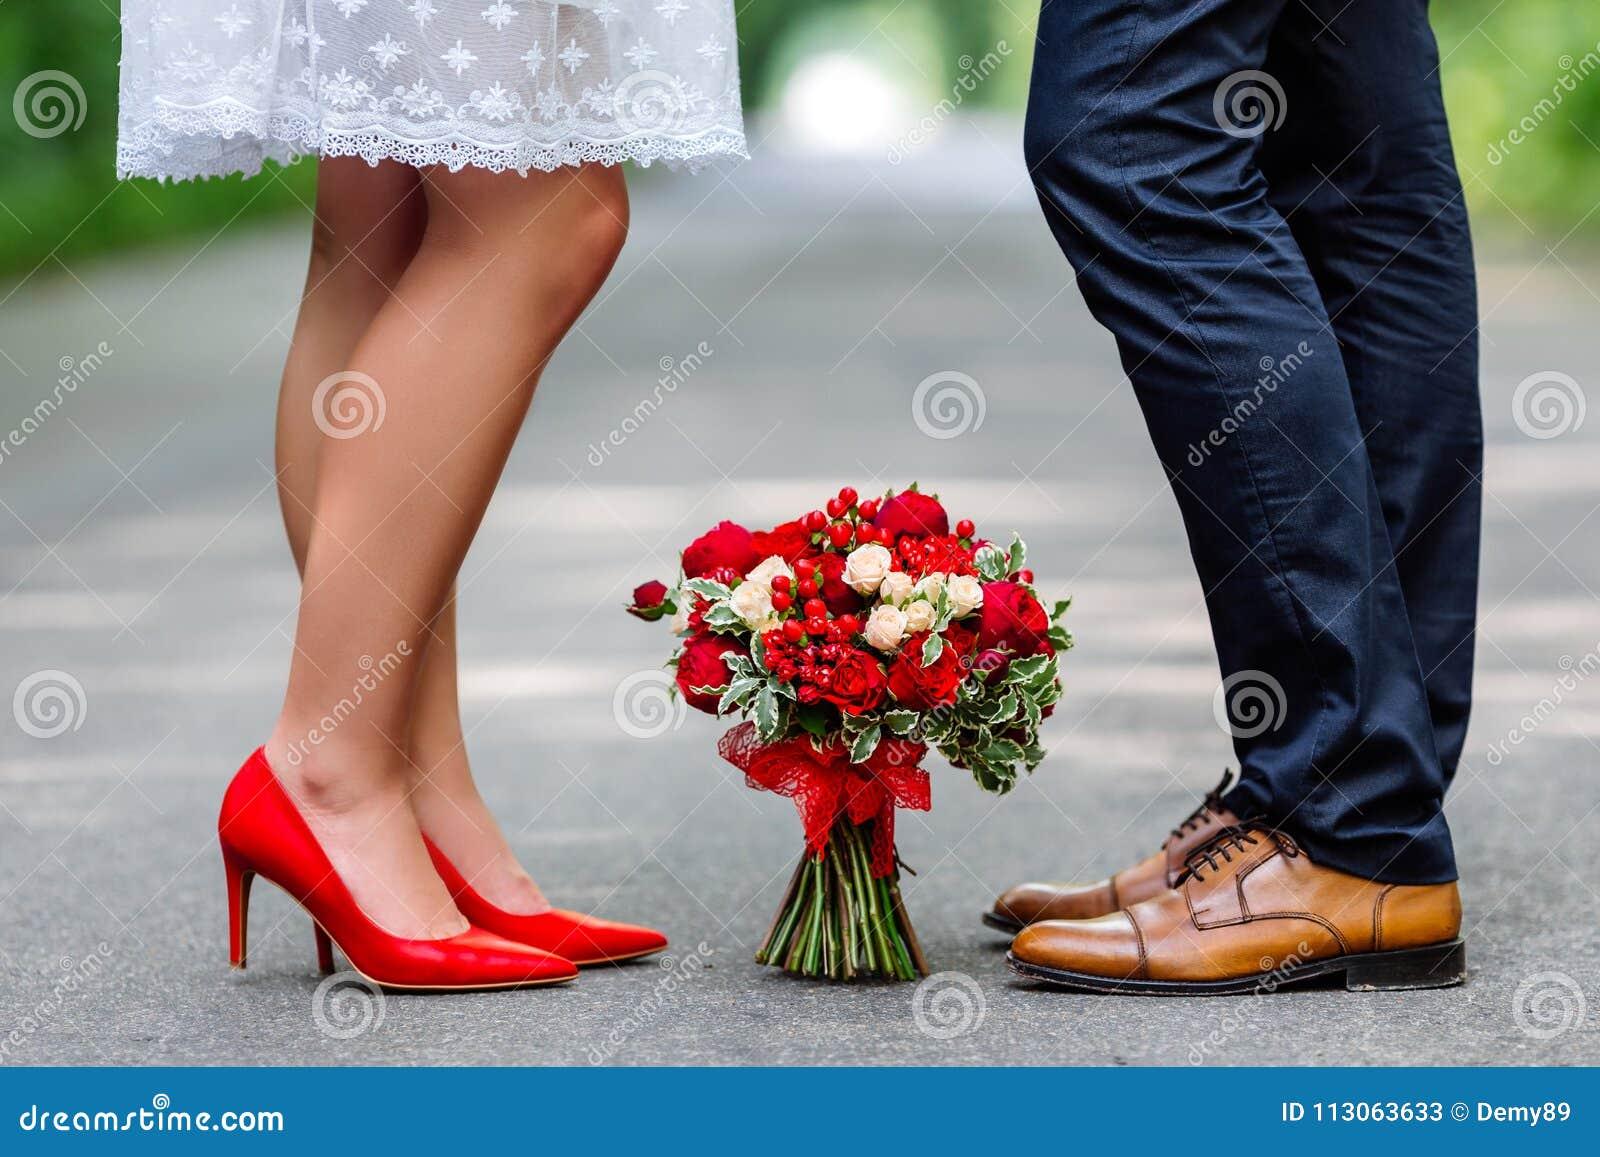 Huwelijksdetails: modieuze rode en bruine schoenen van bruid en bruidegom Boeket van rozen die zich op de grond tussen hen bevind